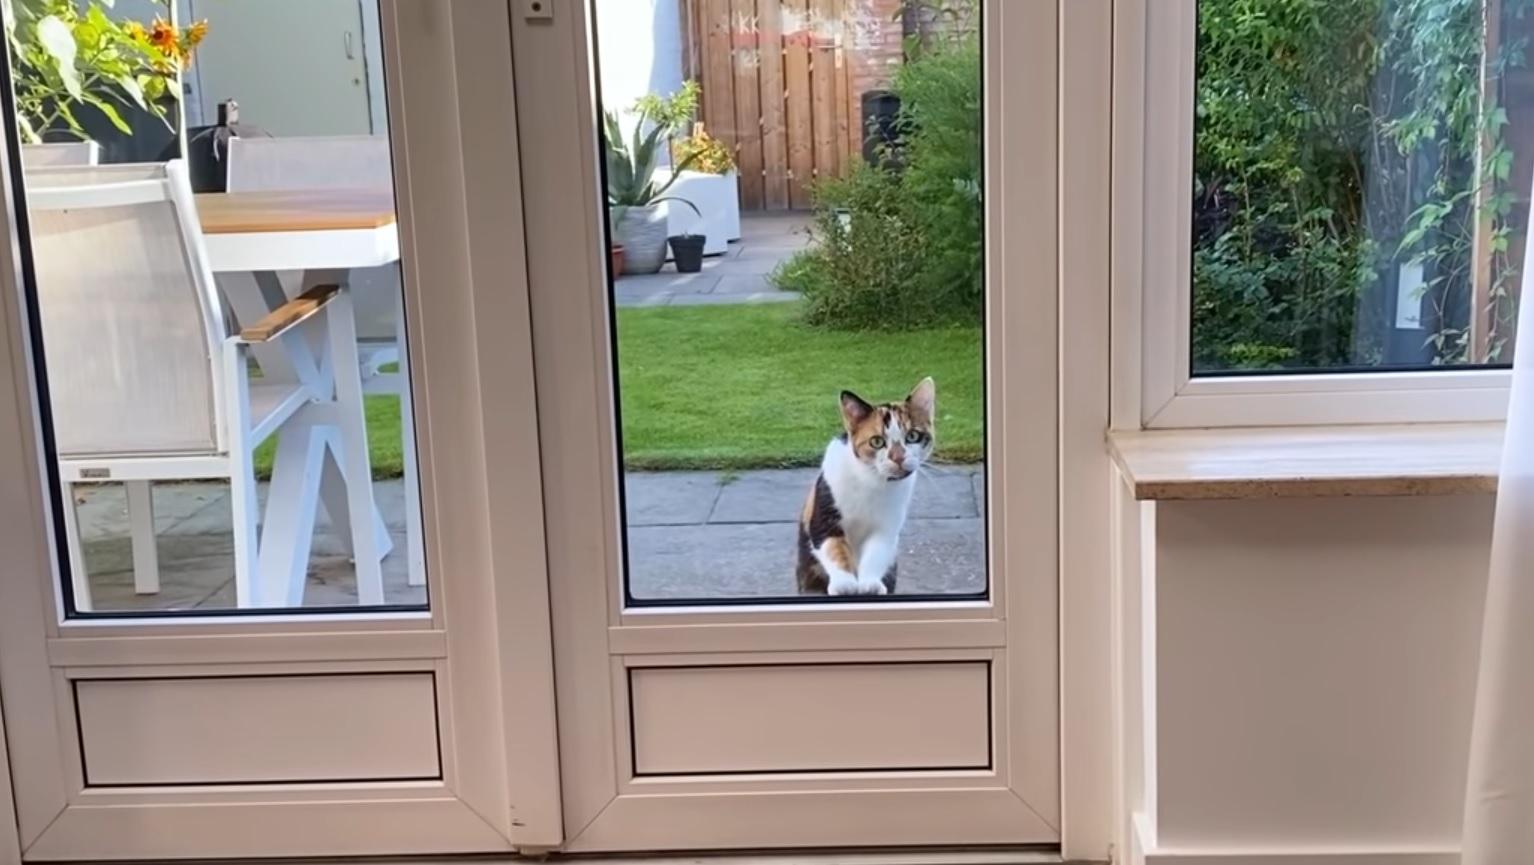 Cortado - The Curious Shy Cat